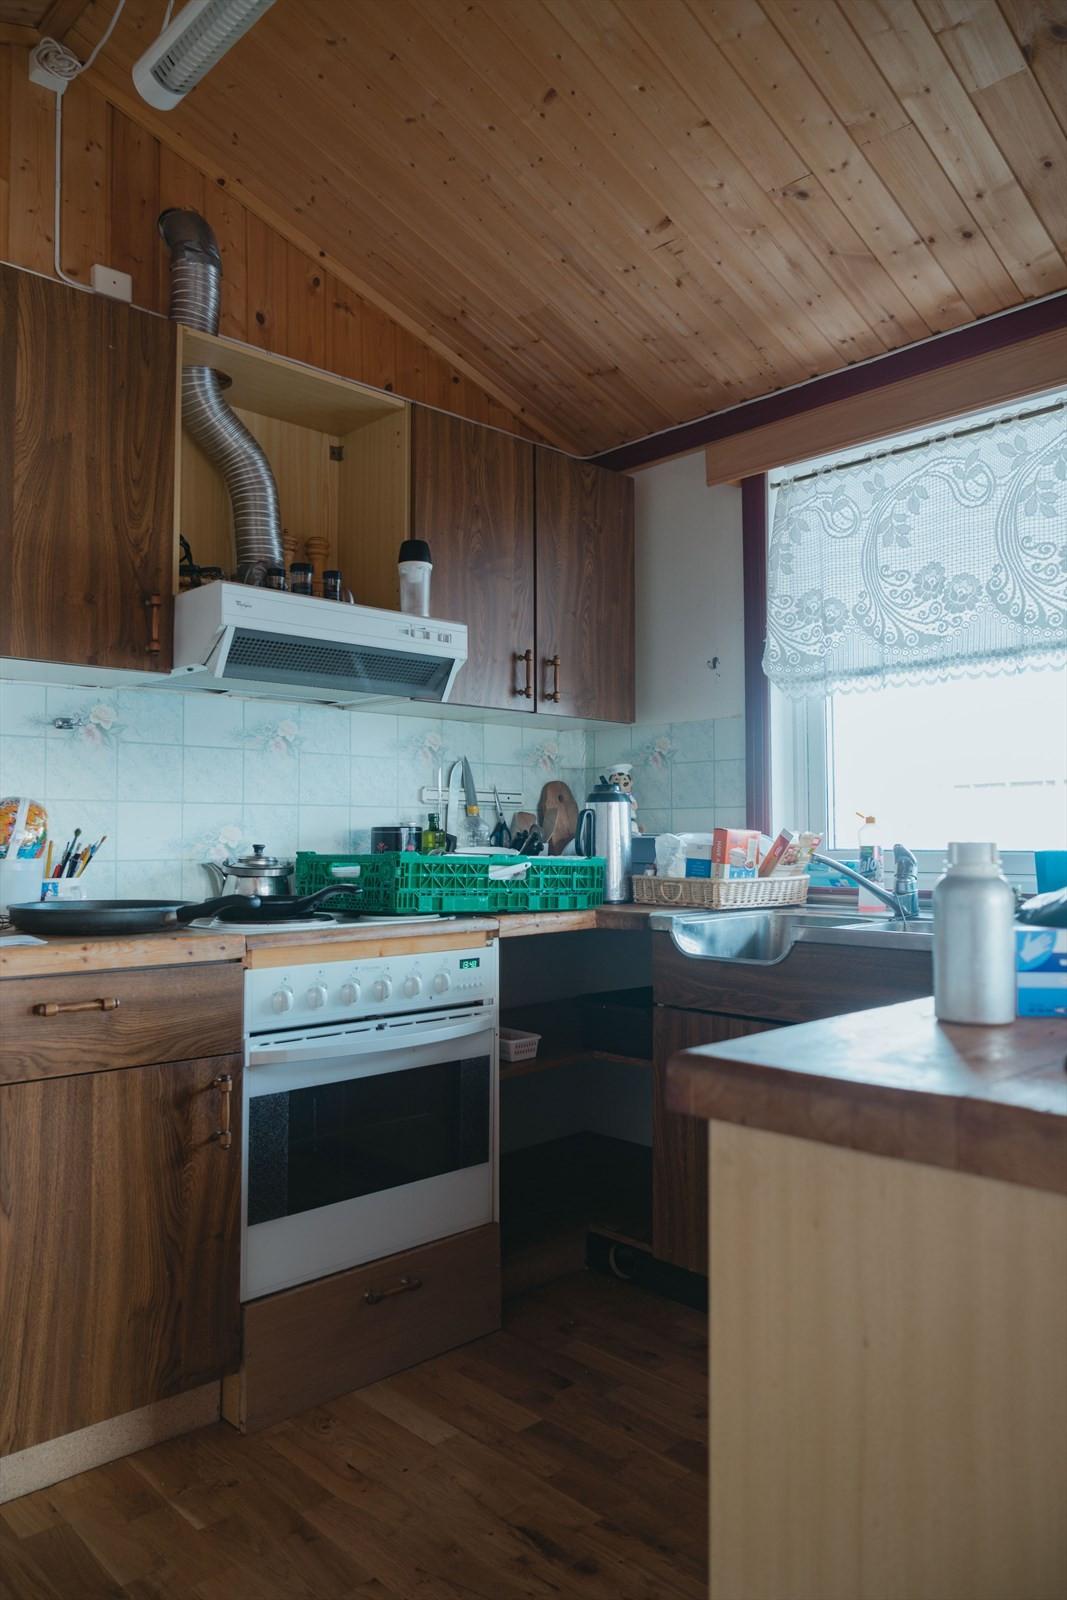 Kjøkken i boligdel